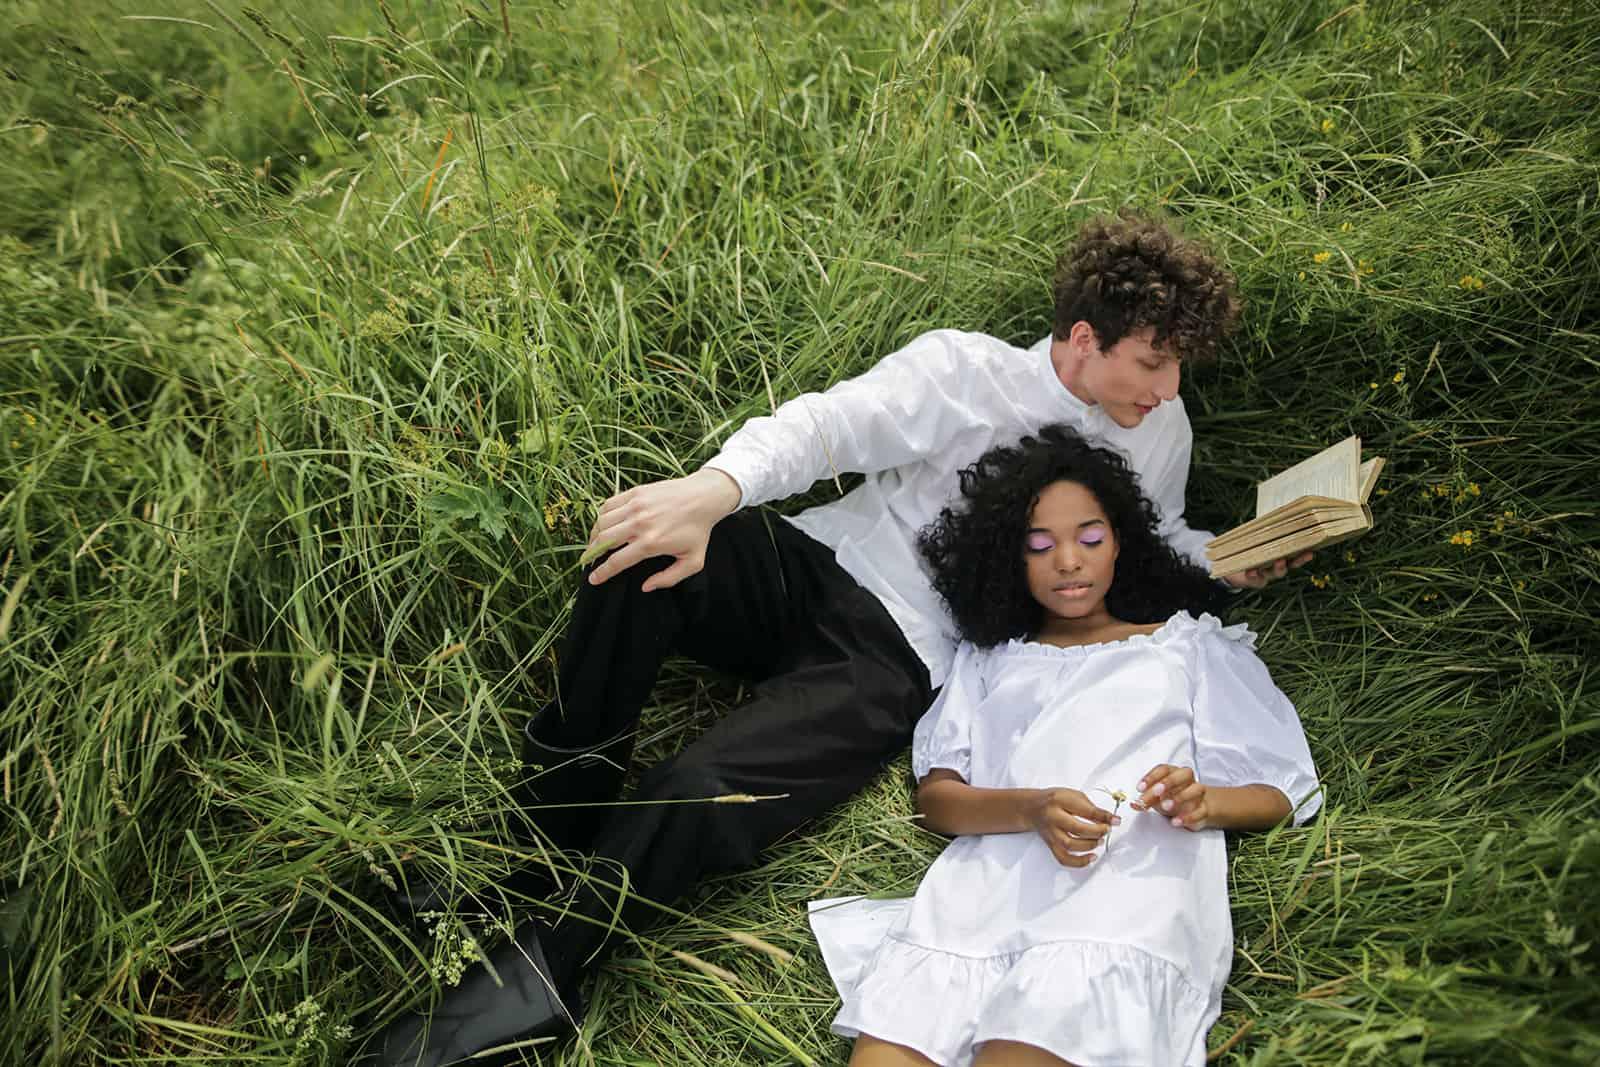 Ein Mann liest seiner Freundin ein Buch vor, die auf der grünen Wiese liegt